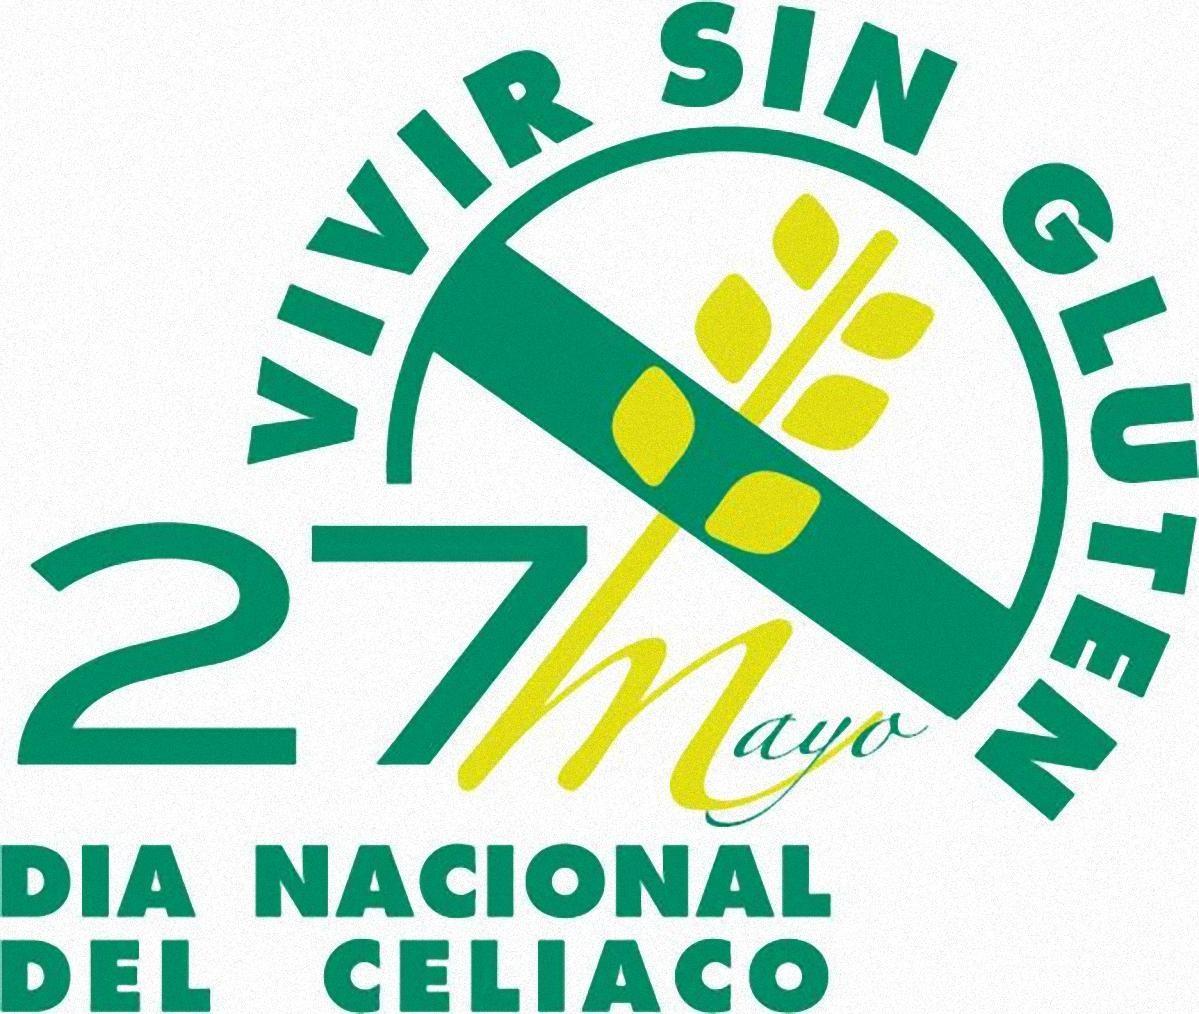 Día Nacional del Celiaco 2015 - logo